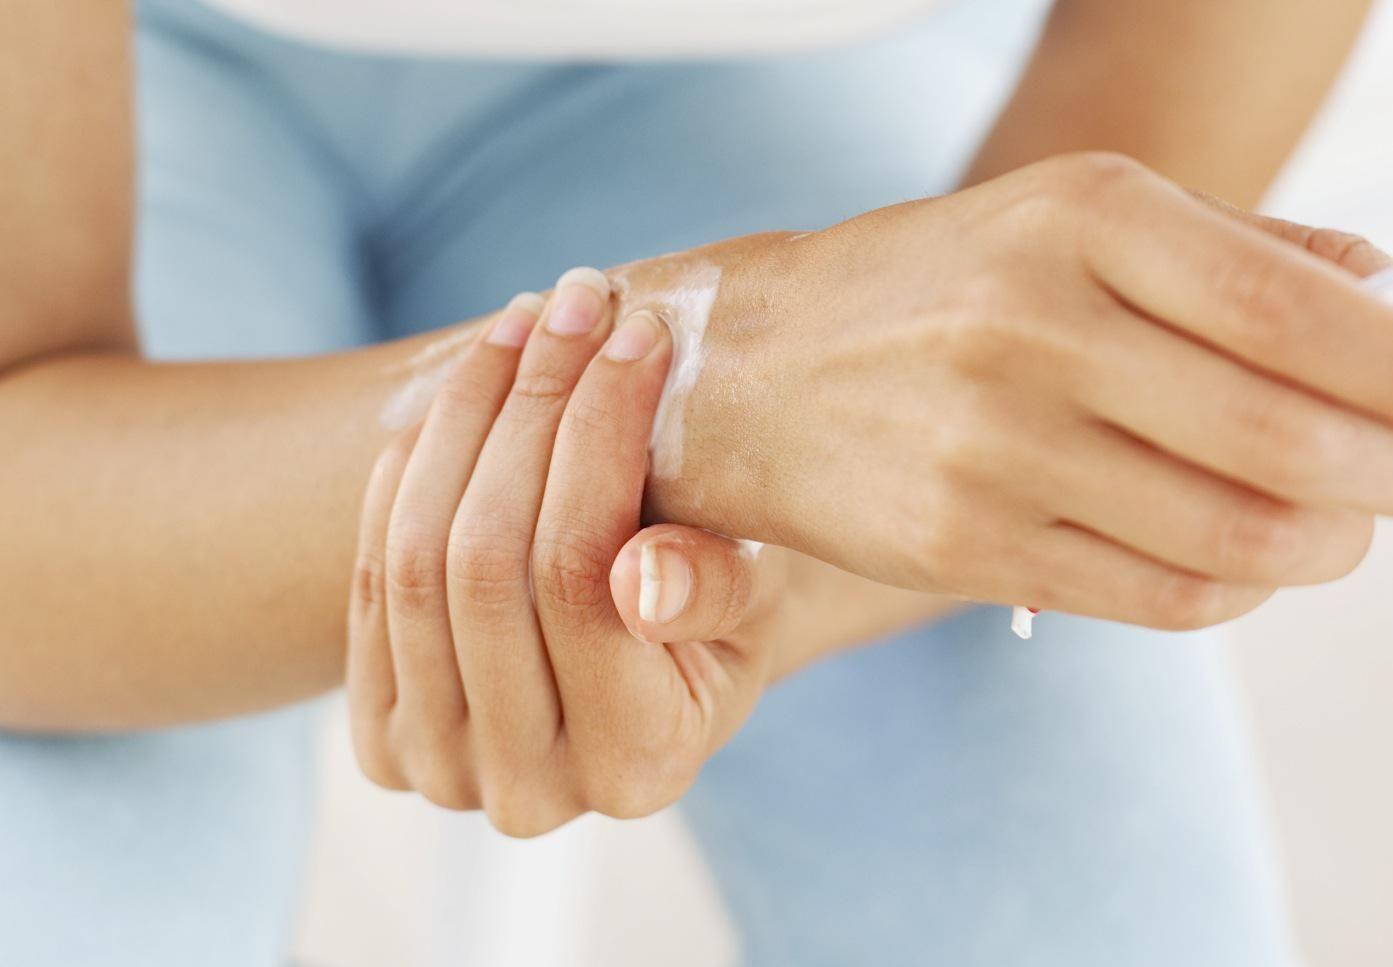 csukló fájdalom és kezelés